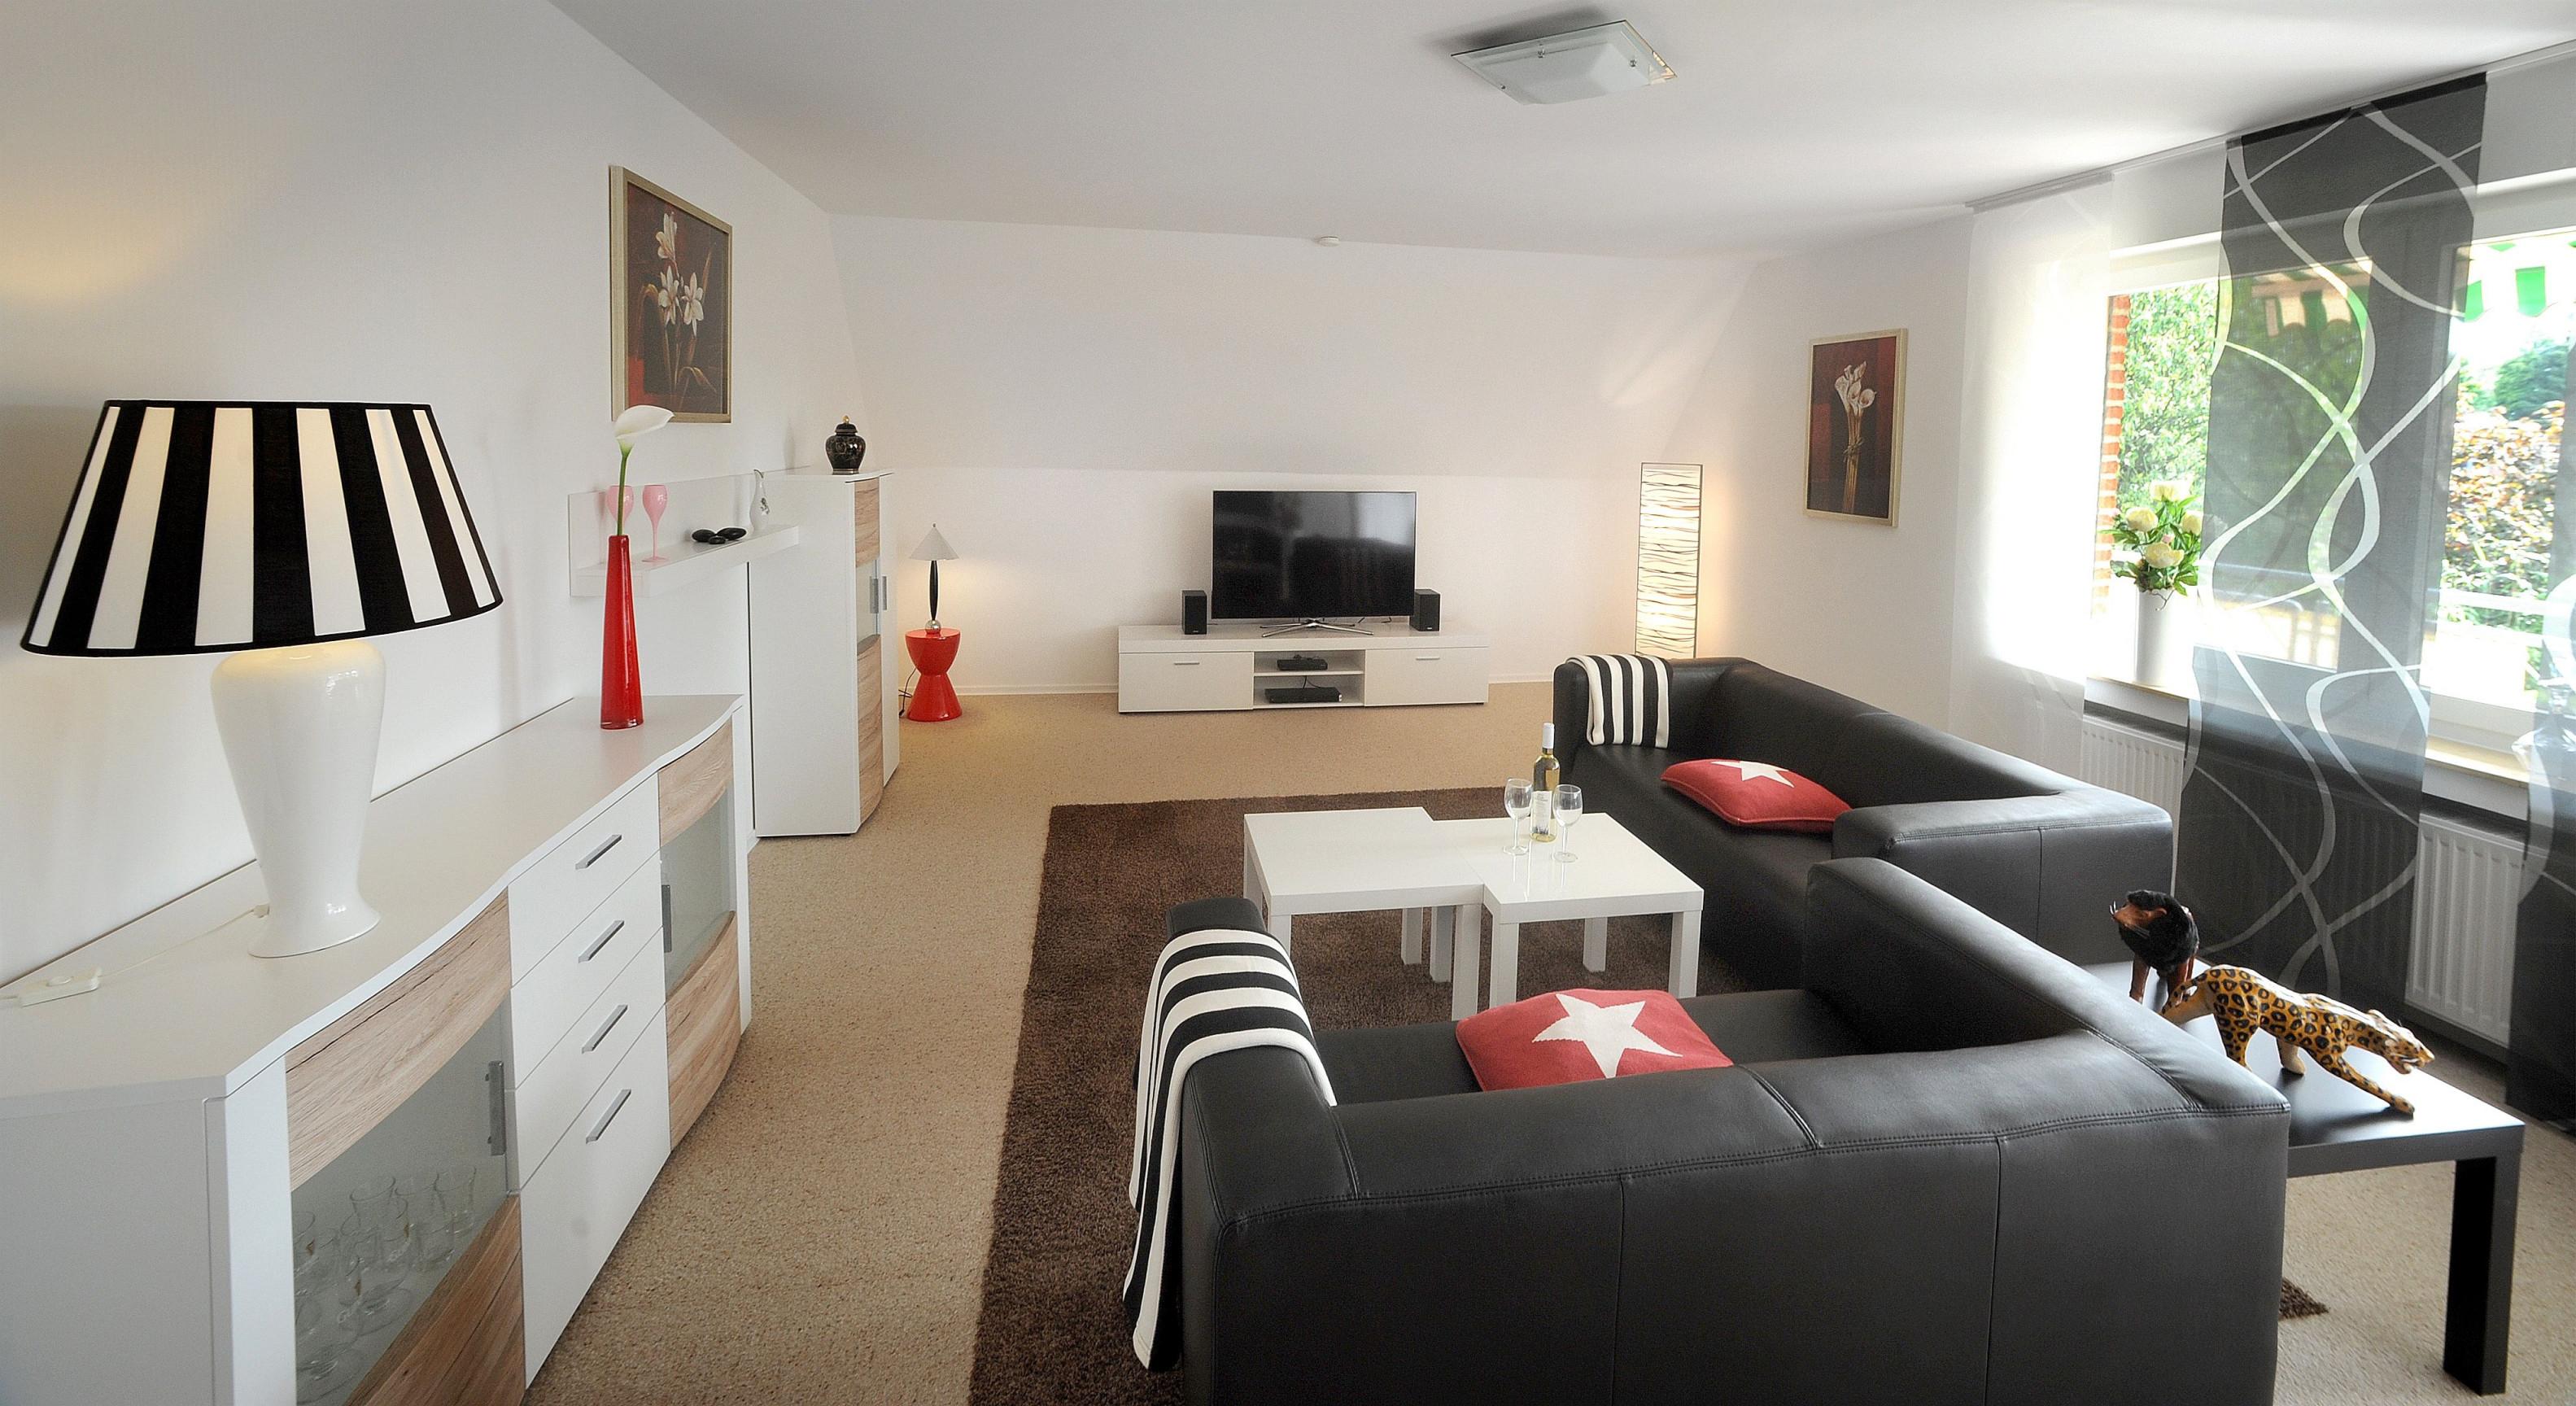 Deko Ideen Großes Wohnzimmer  Living Room Design Colour von Ideen Großes Wohnzimmer Photo